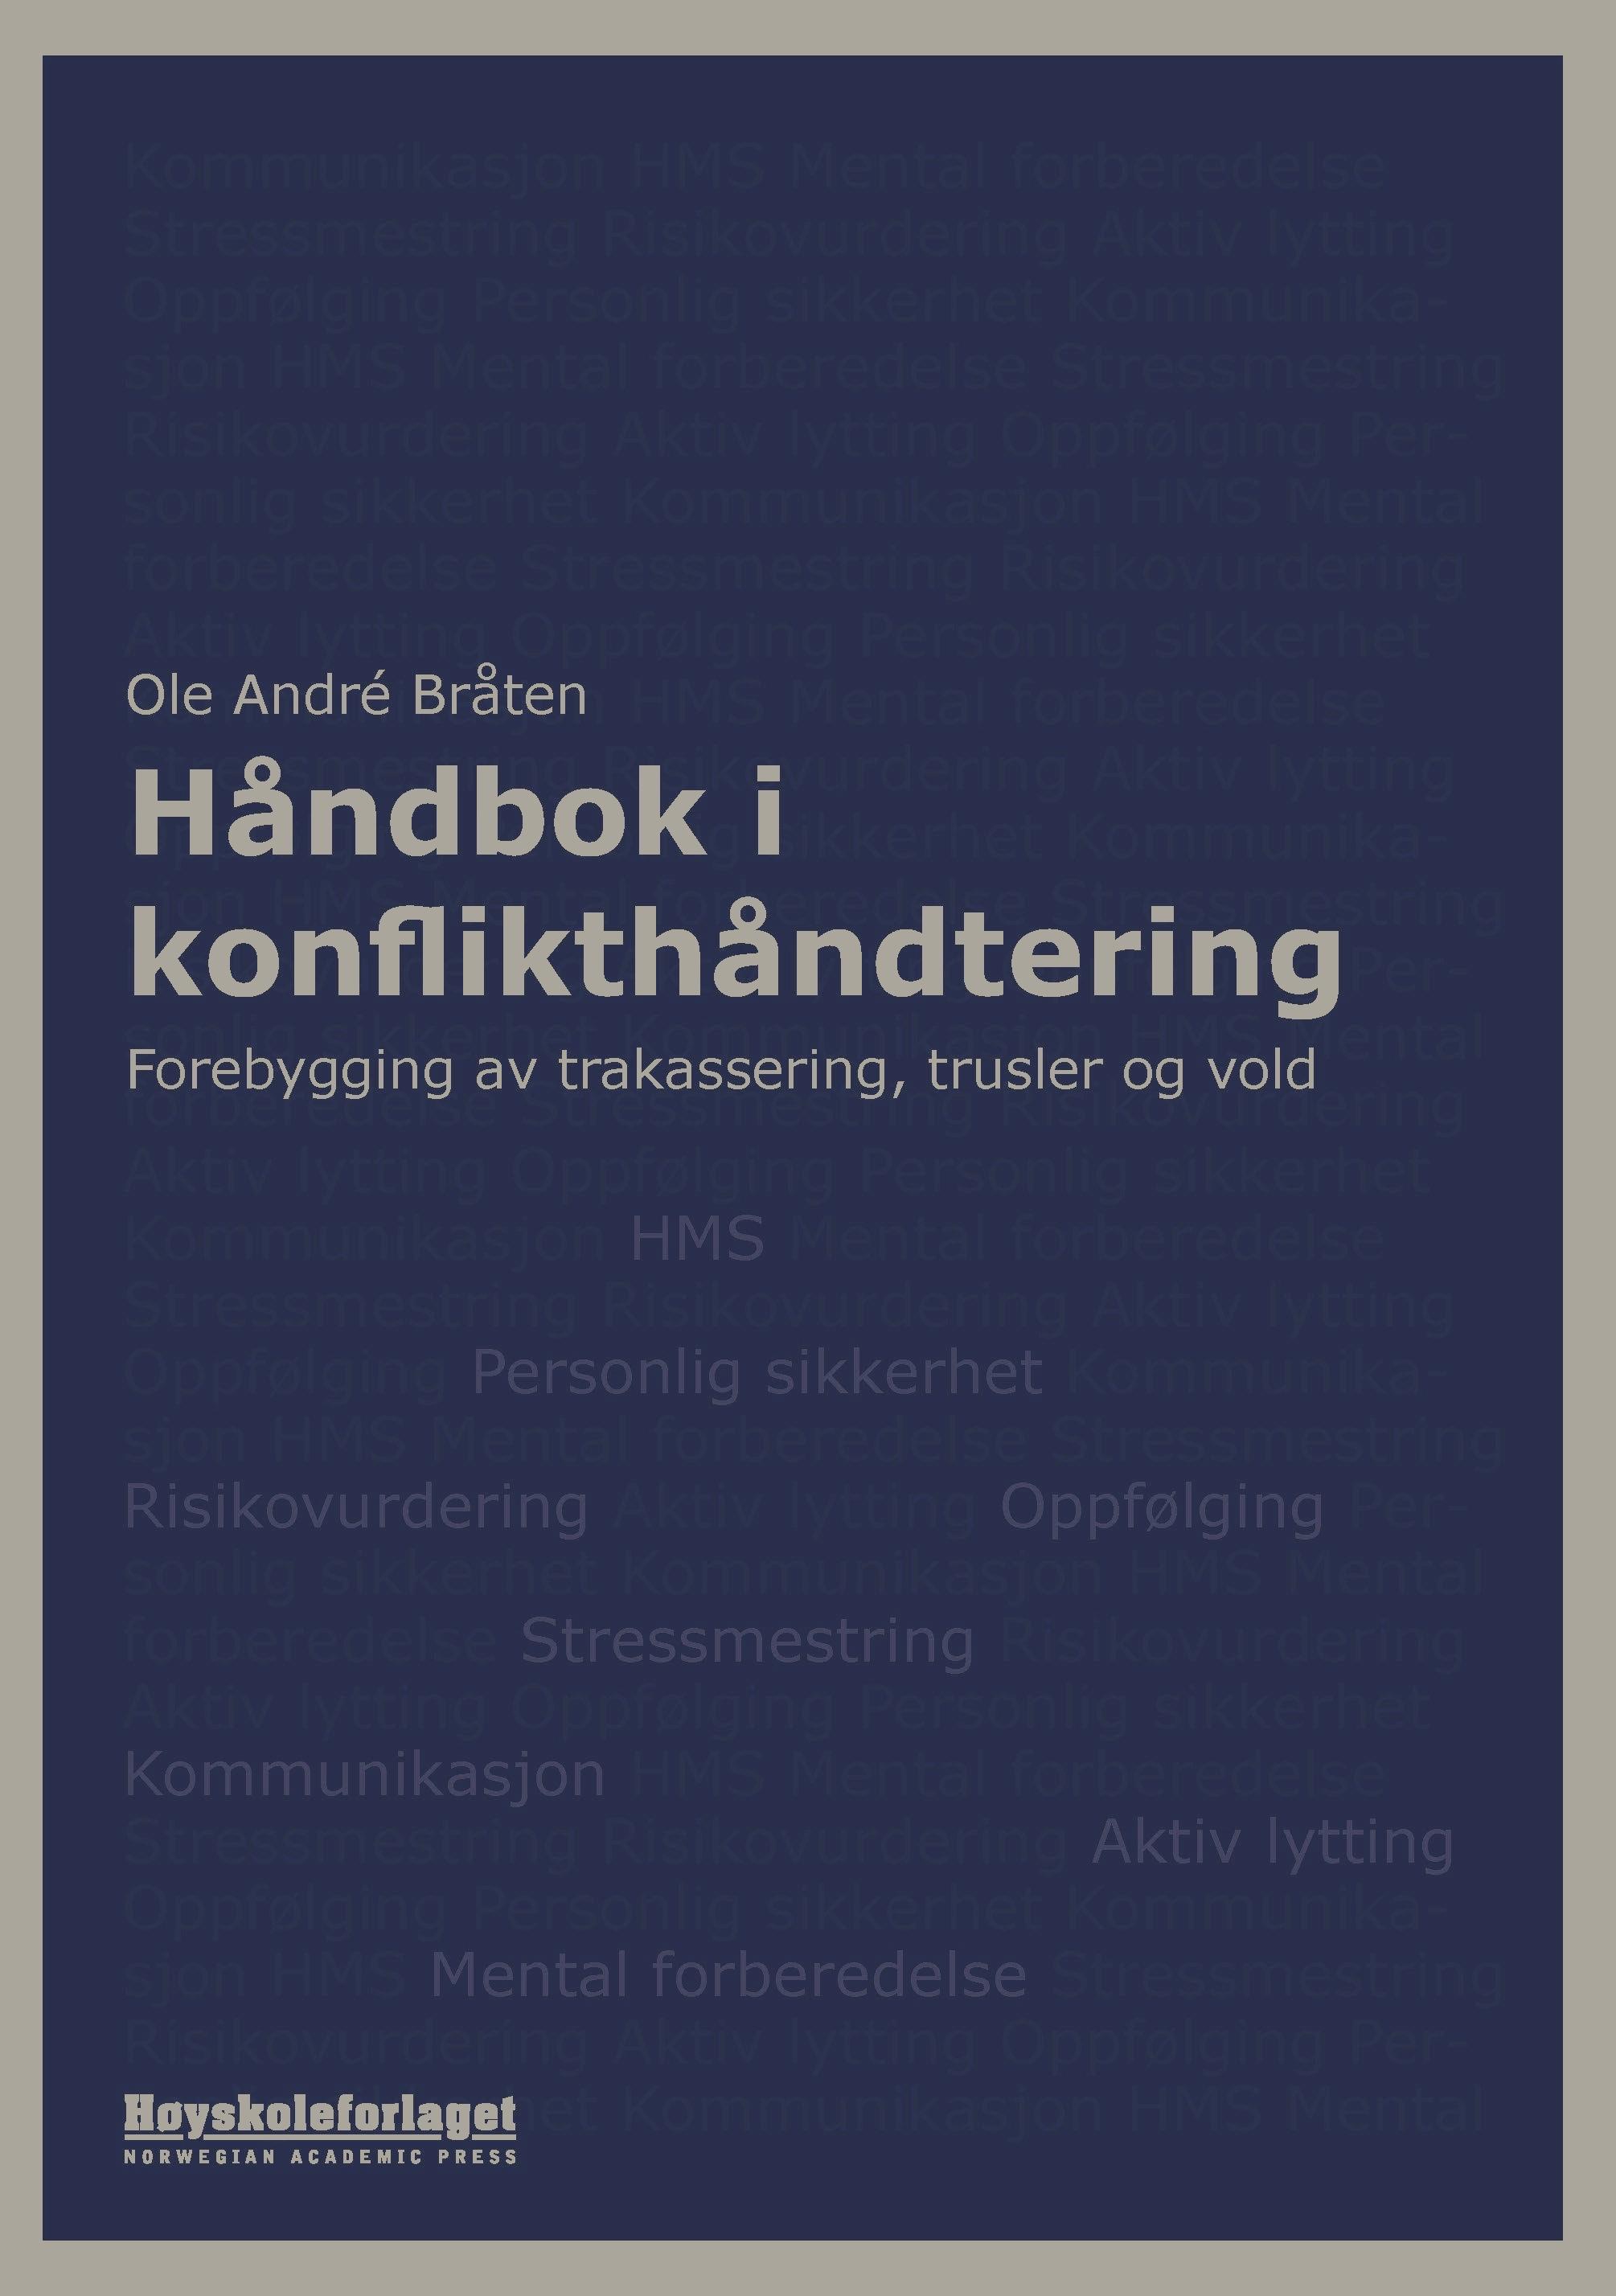 - Anbefalt av Scandinavian Journal of Organizational Psychology